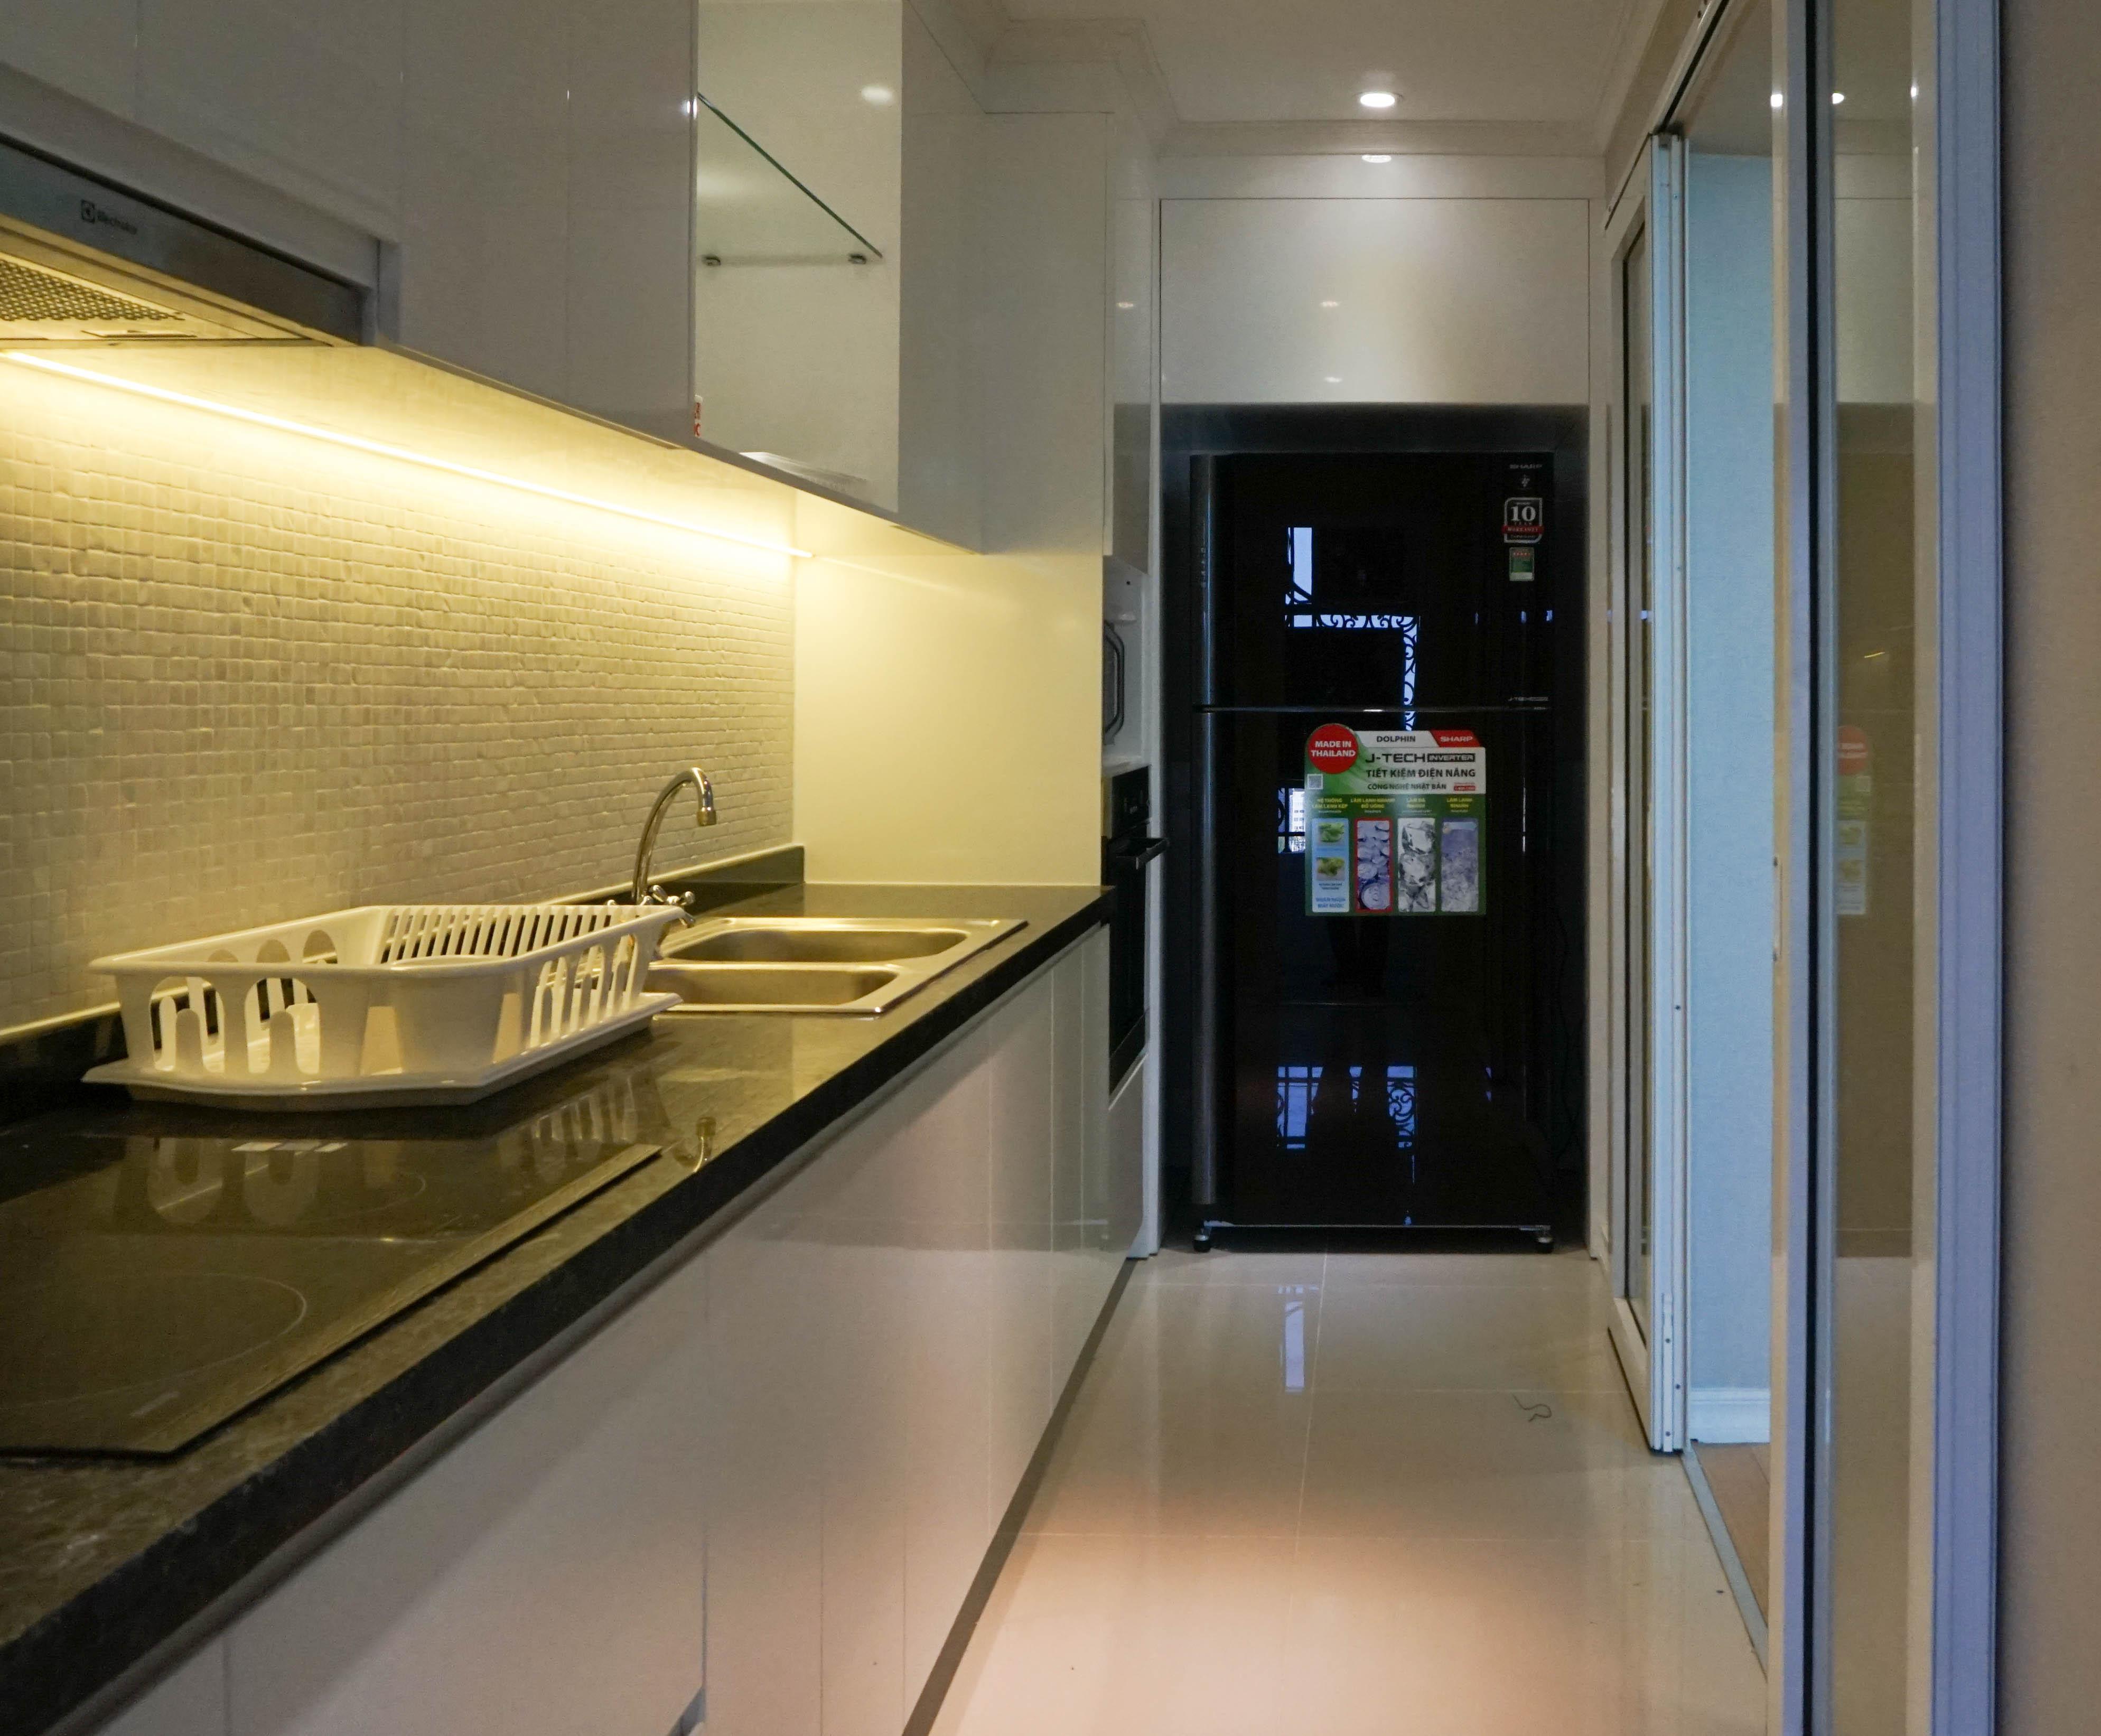 Căn hộ 2 PN Léman Luxury - Đầy Đủ Nội Thất - Căn Hộ Duyên Dáng Và Sang Trọng-1